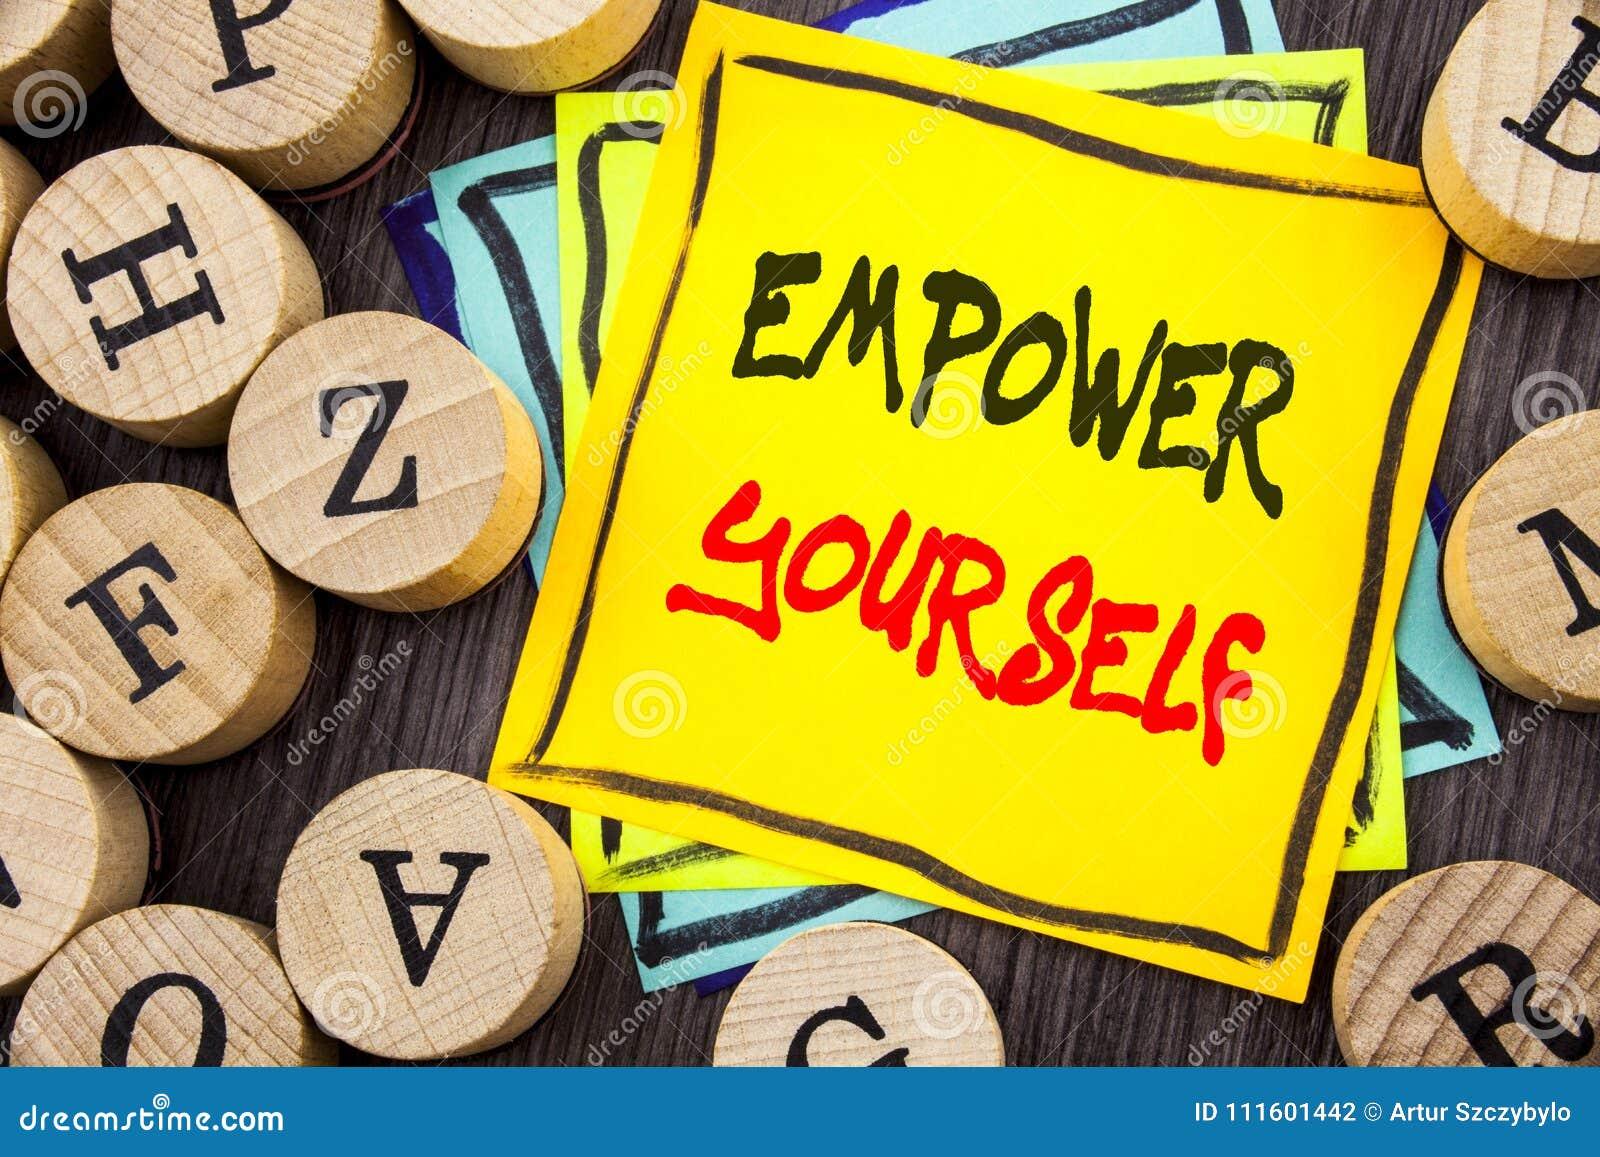 La demostración del texto del aviso de la escritura se autoriza Foto del negocio que muestra el consejo positivo de la motivación